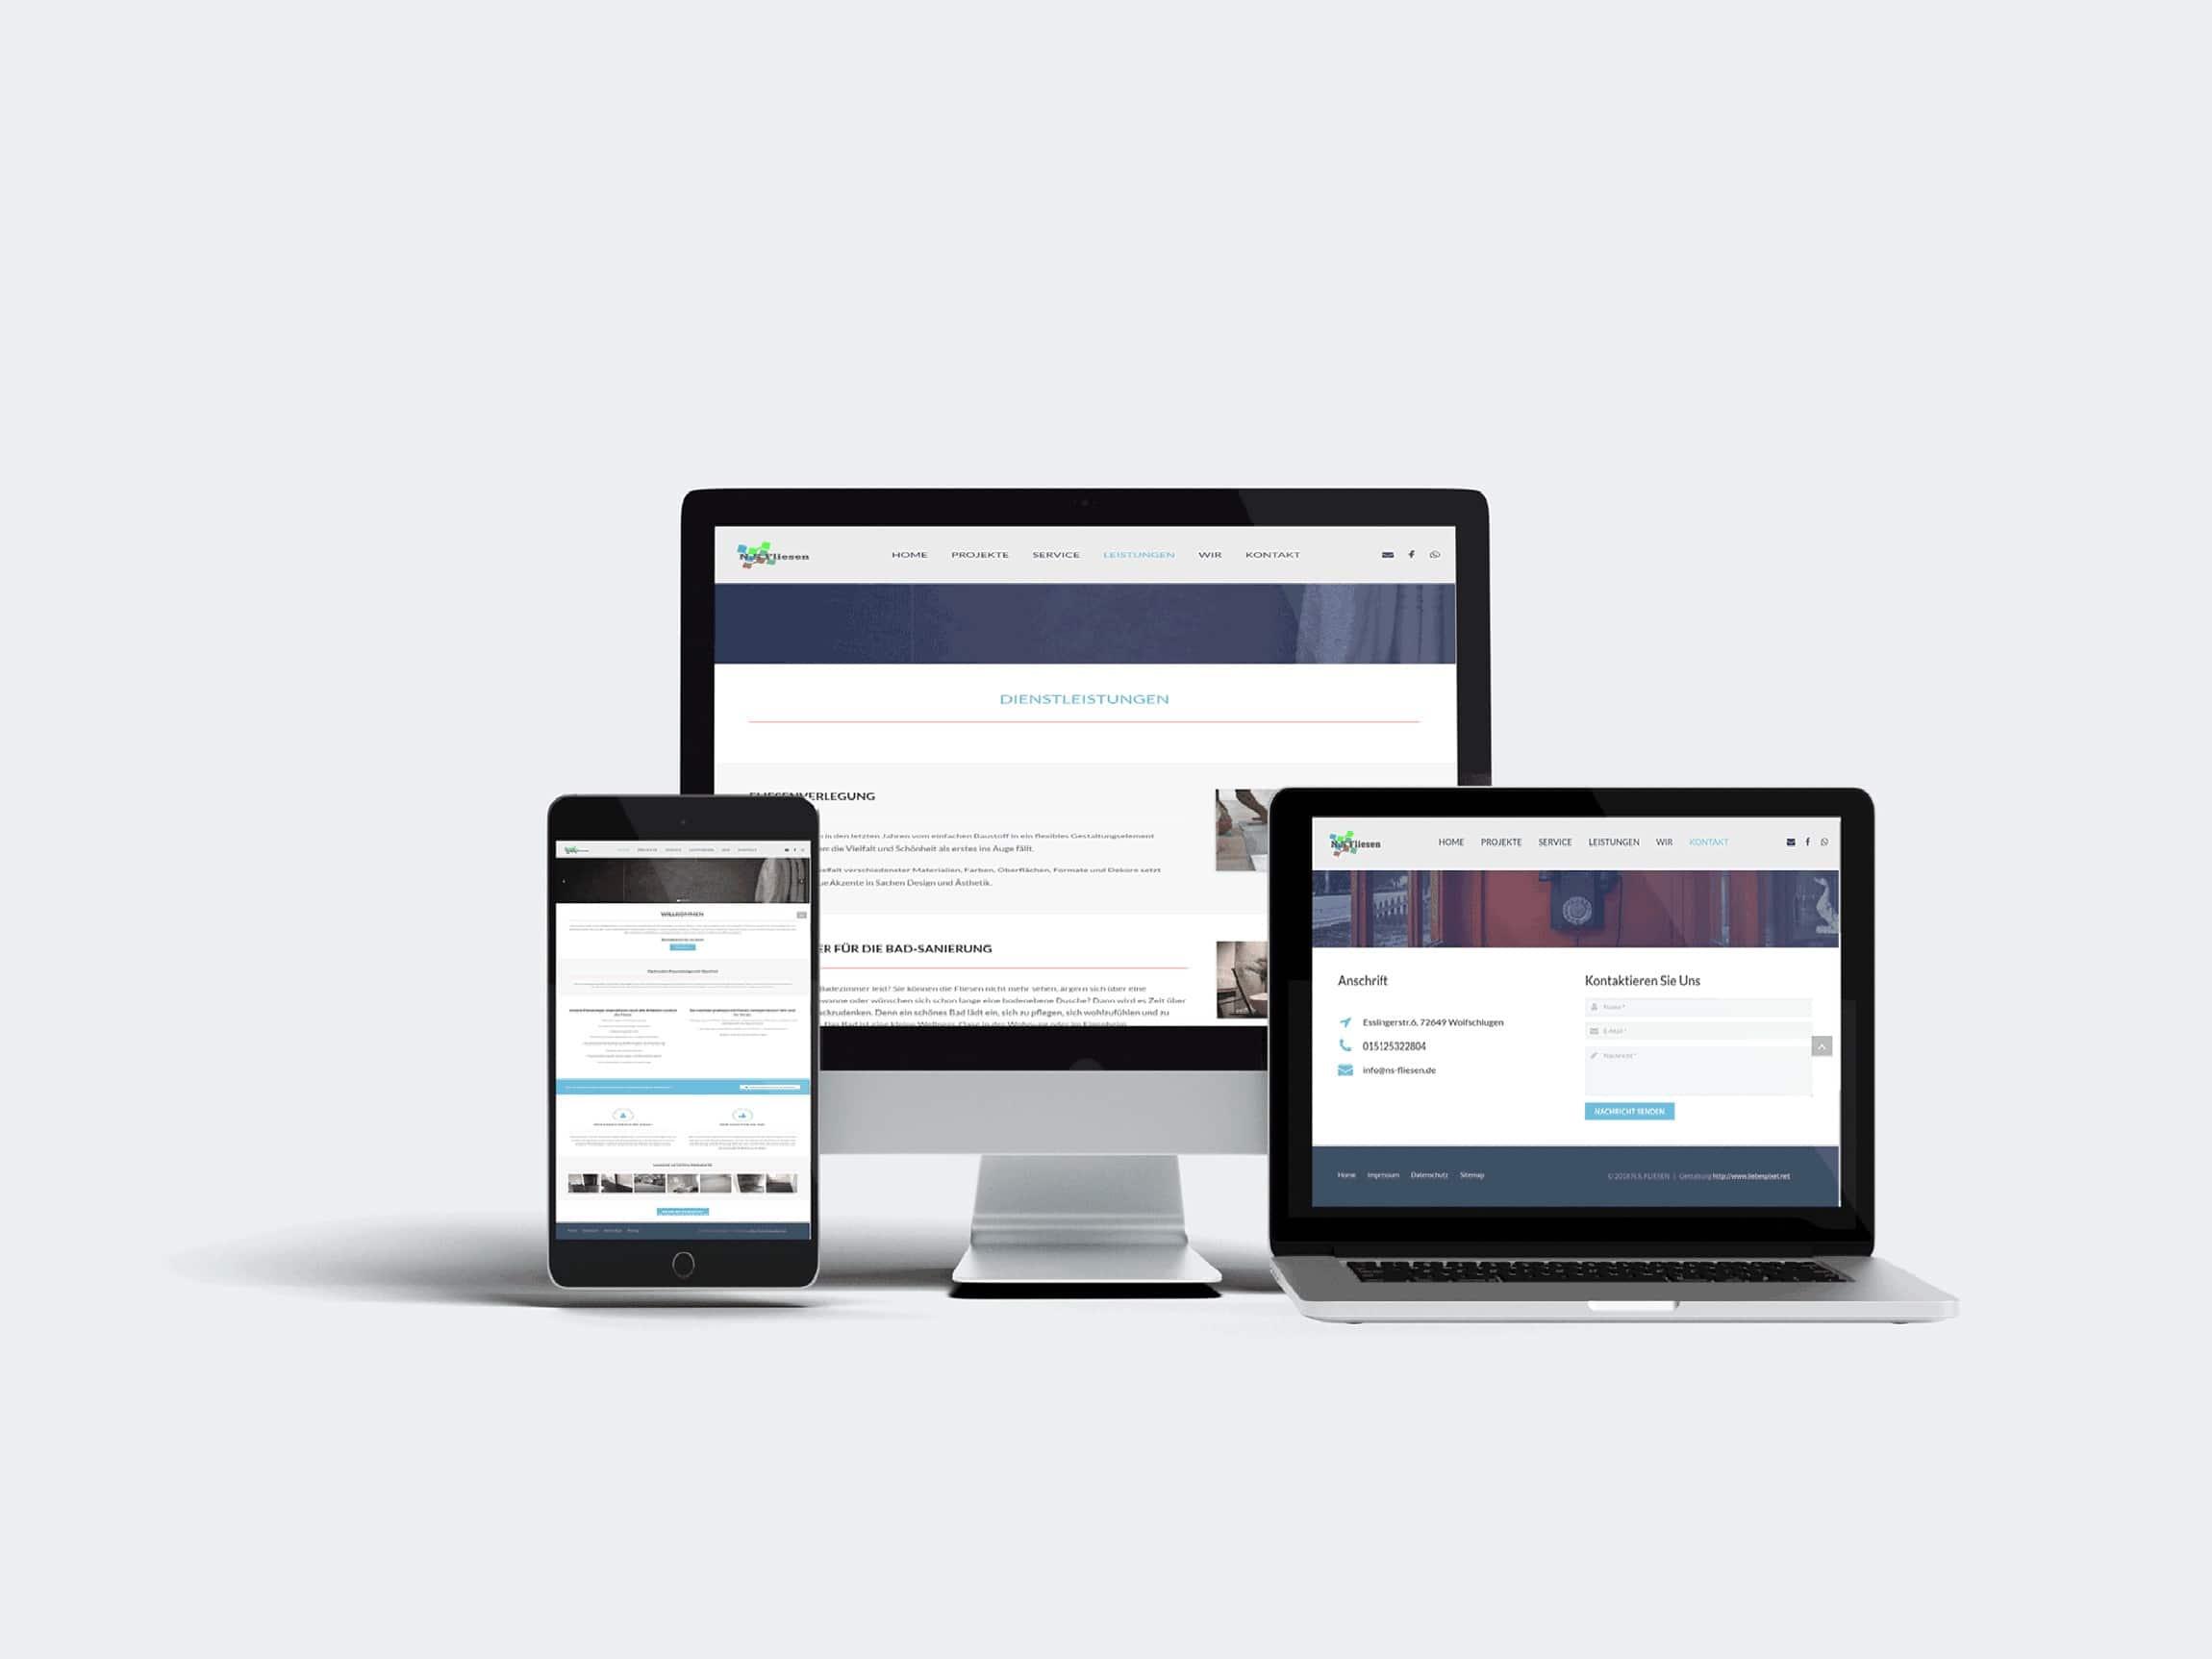 ns-fliesen-webseite-design-fliesenleger-liebespixel-kirchheim-webdesign